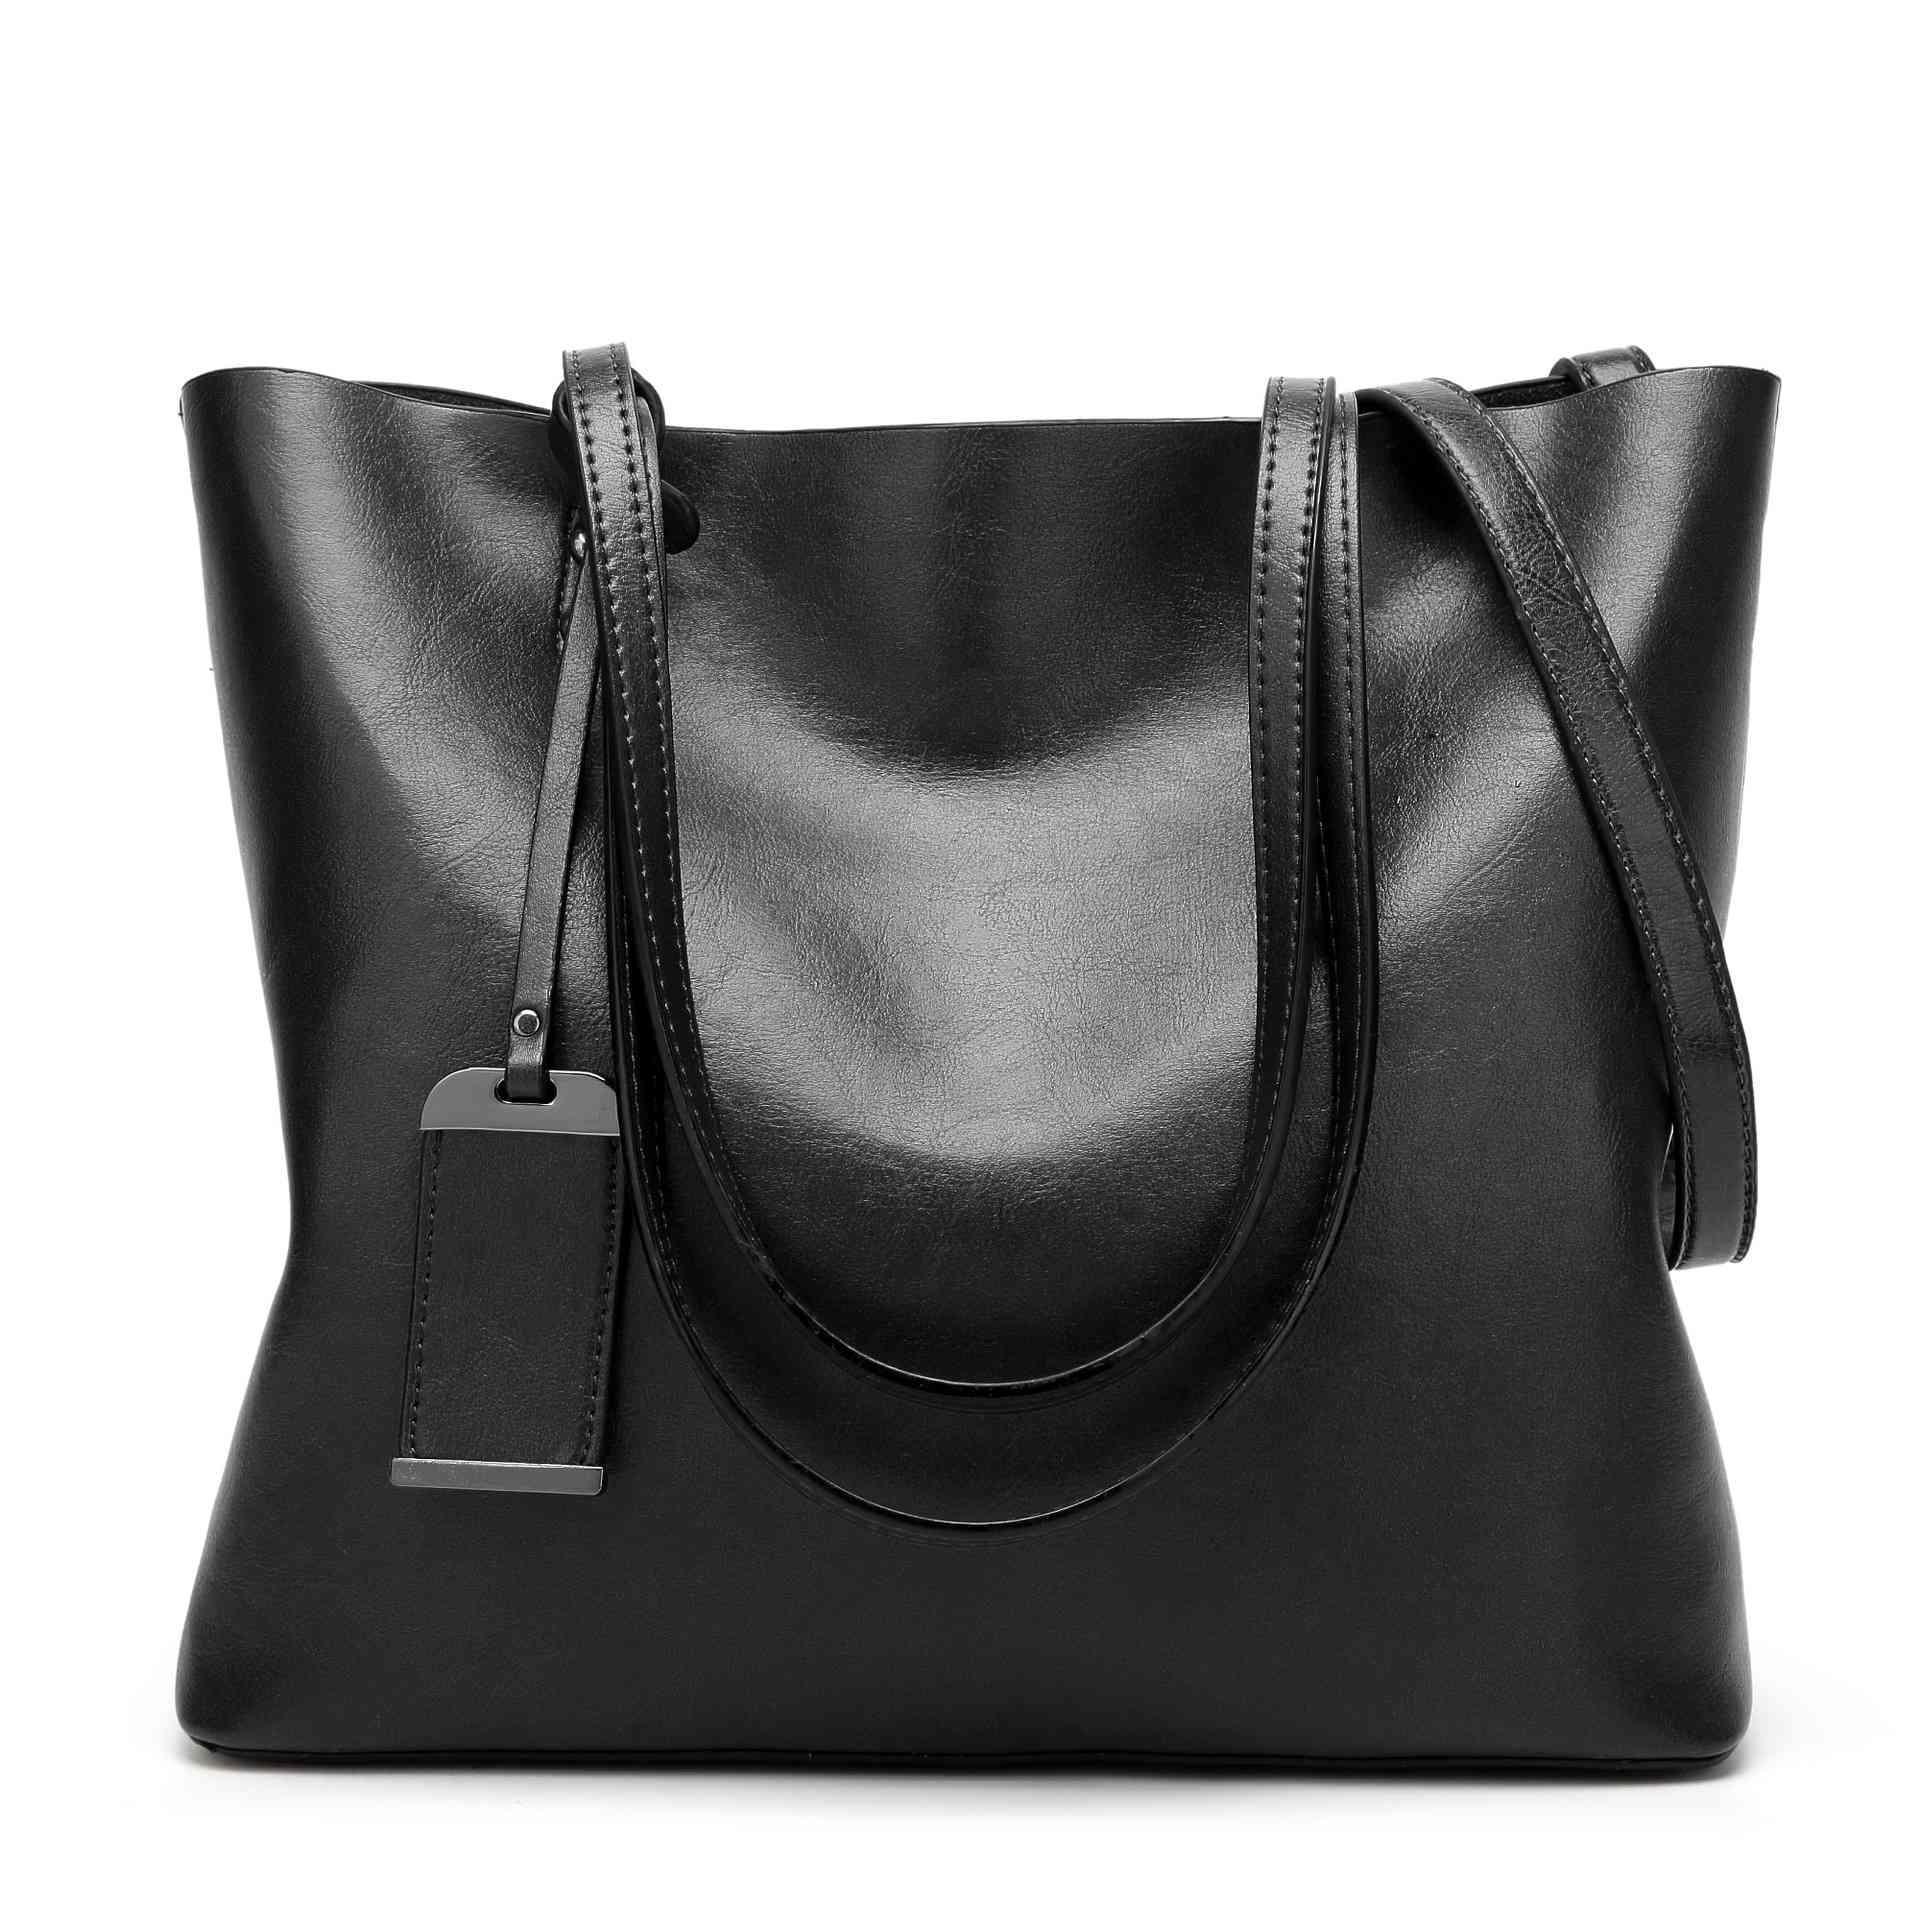 HBP Handbag Casual Tote Shoulder Bags messenger bag purse new Designer bag high quality simple Retro fashion High capacity